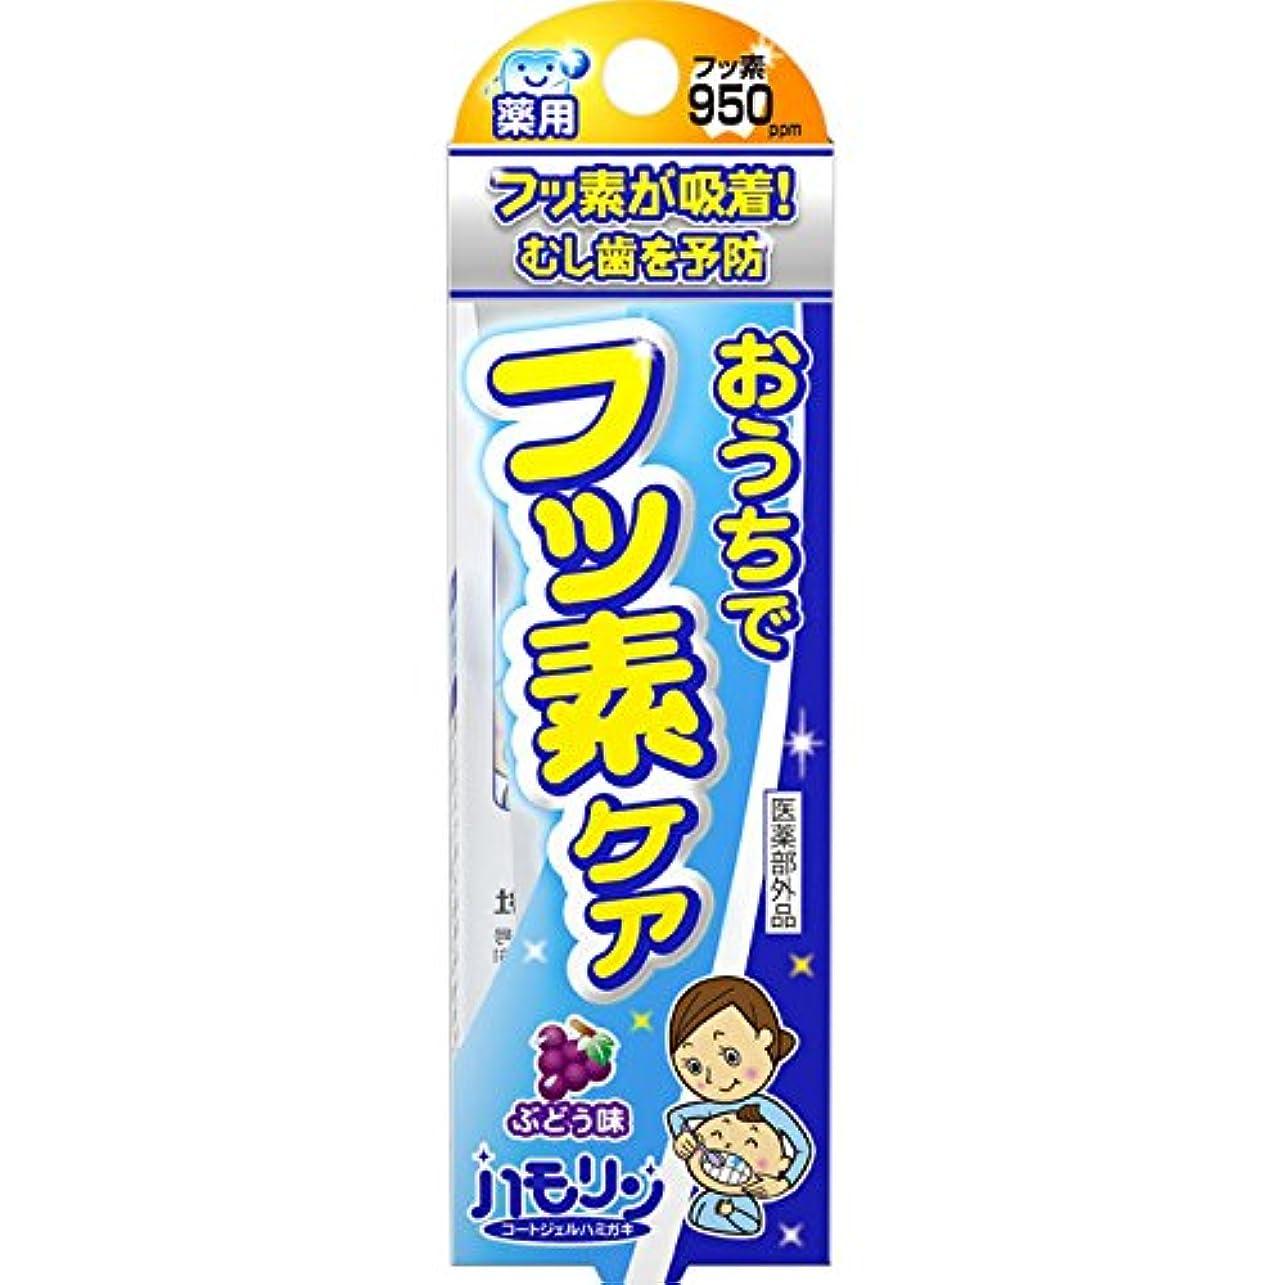 命題審判頬丹平製薬 ハモリン ぶどう味 30g